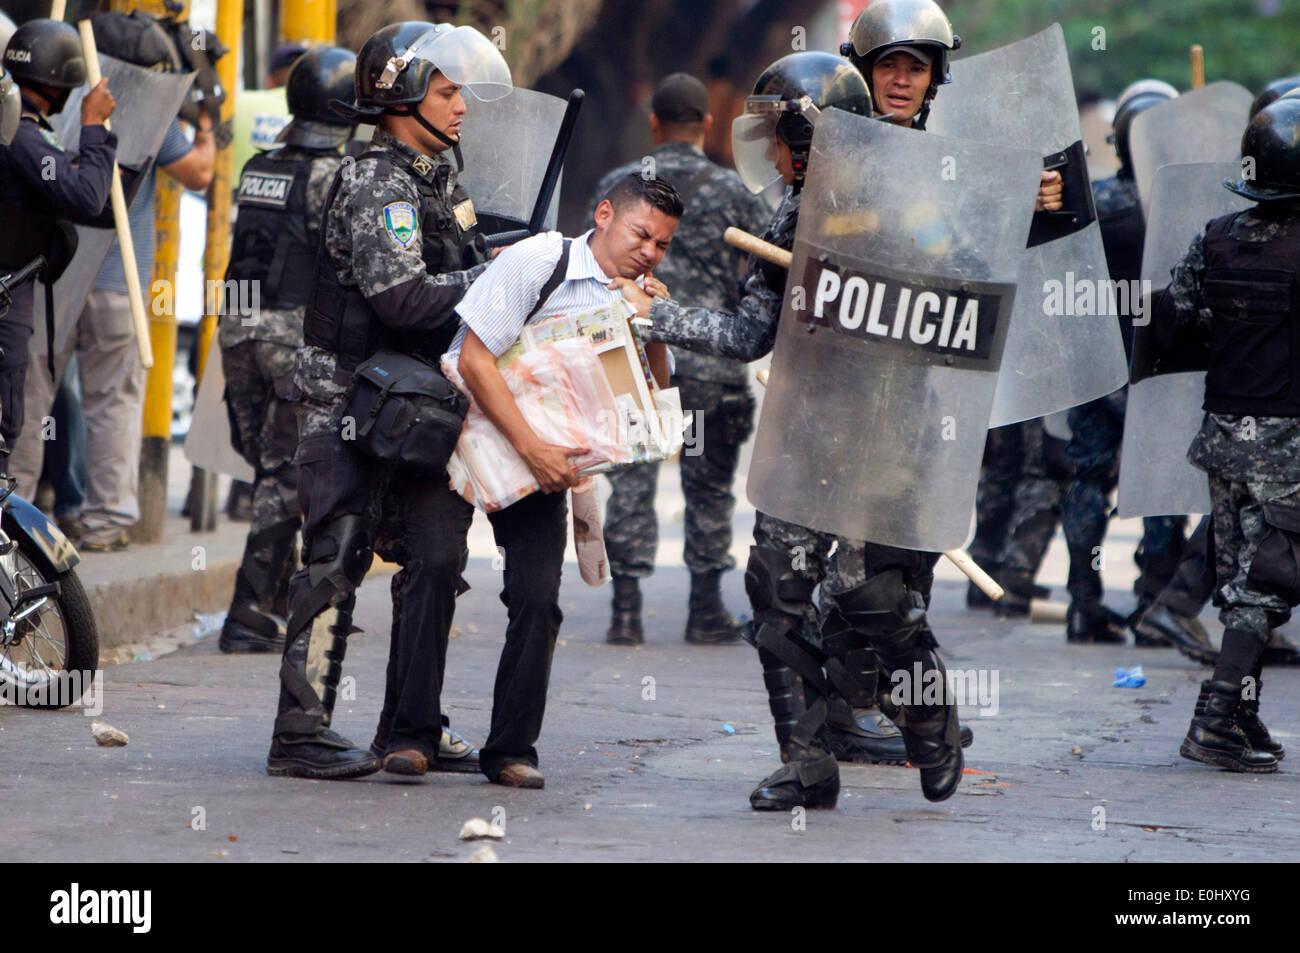 Tegucigalpa, Honduras. 13 mai, 2014. Des éléments de la police de détenir une personne au cours d'un affrontement entre partisans de l'ex-Président du Honduras, Manuel Zelaya, et la police, devant le Congrès national à Tegucigalpa, Honduras, le 13 mai 2014. Partisans et des députés du Parti de la refondation et de la Liberté (Libre, pour son sigle en espagnol), la seconde force politique au Honduras, a éclaté dans le Congrès national le mardi, après des affrontements avec des éléments de la police qui gardait le Palais législatif. Credit: Rafael Ochoa/Xinhua/Alamy Live News Banque D'Images